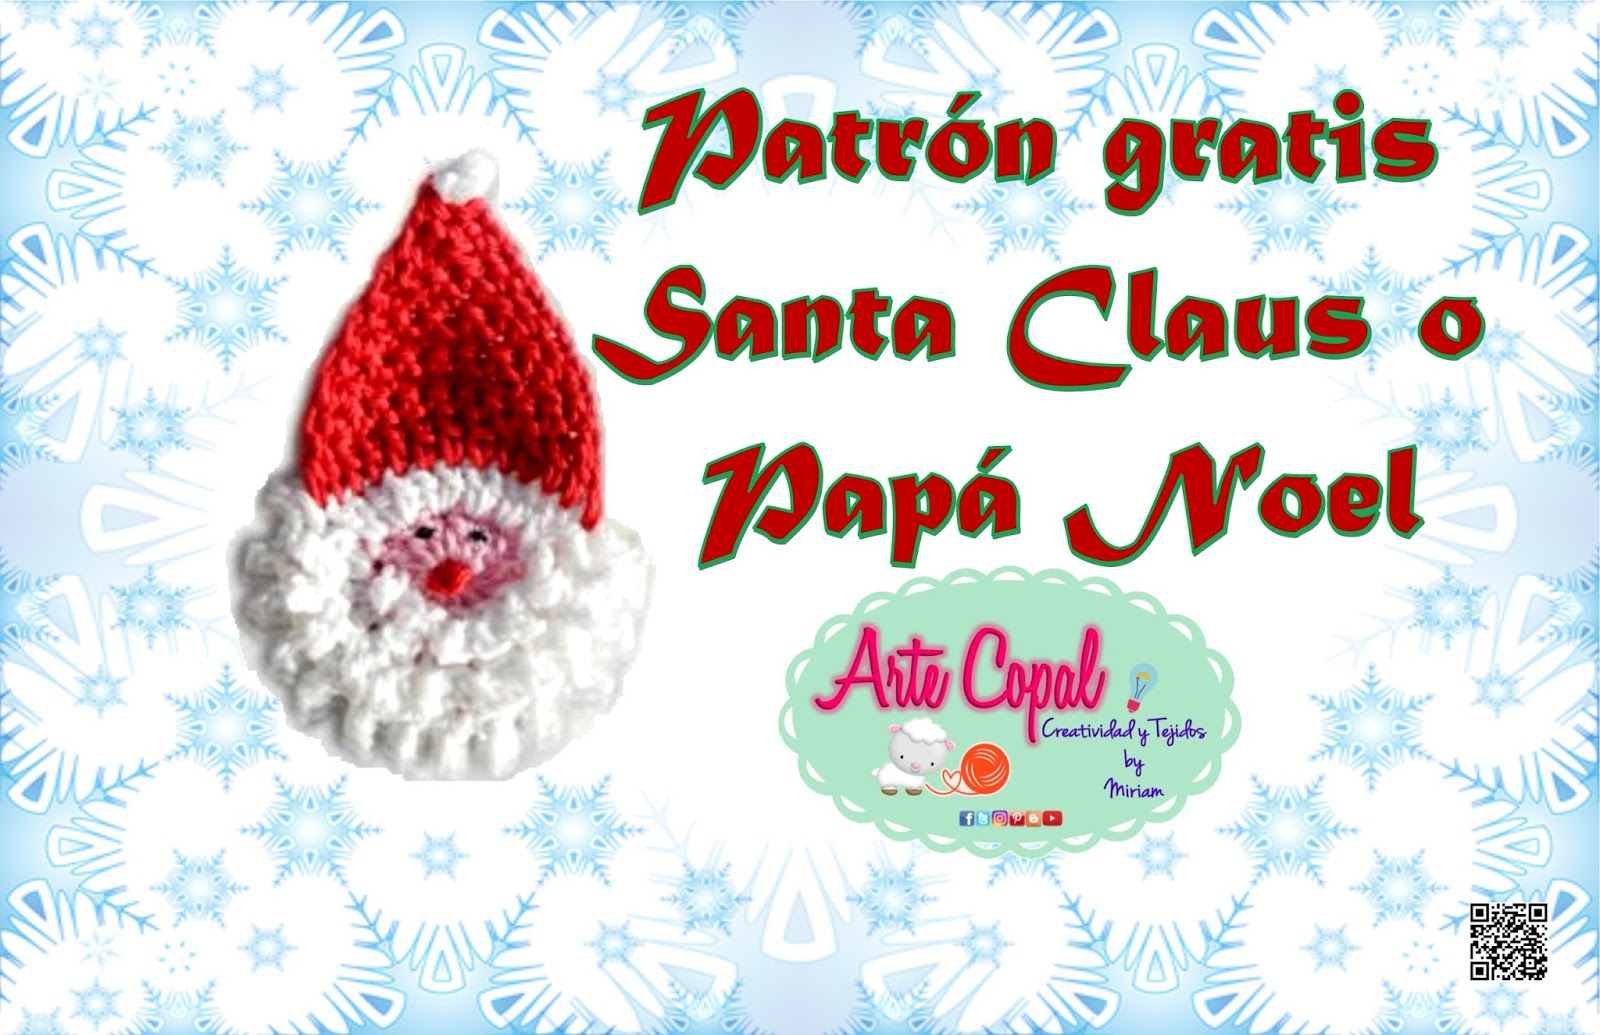 Arte Copal... Creatividad y Tejidos By Miriam: Patrón Santa Claus o ...